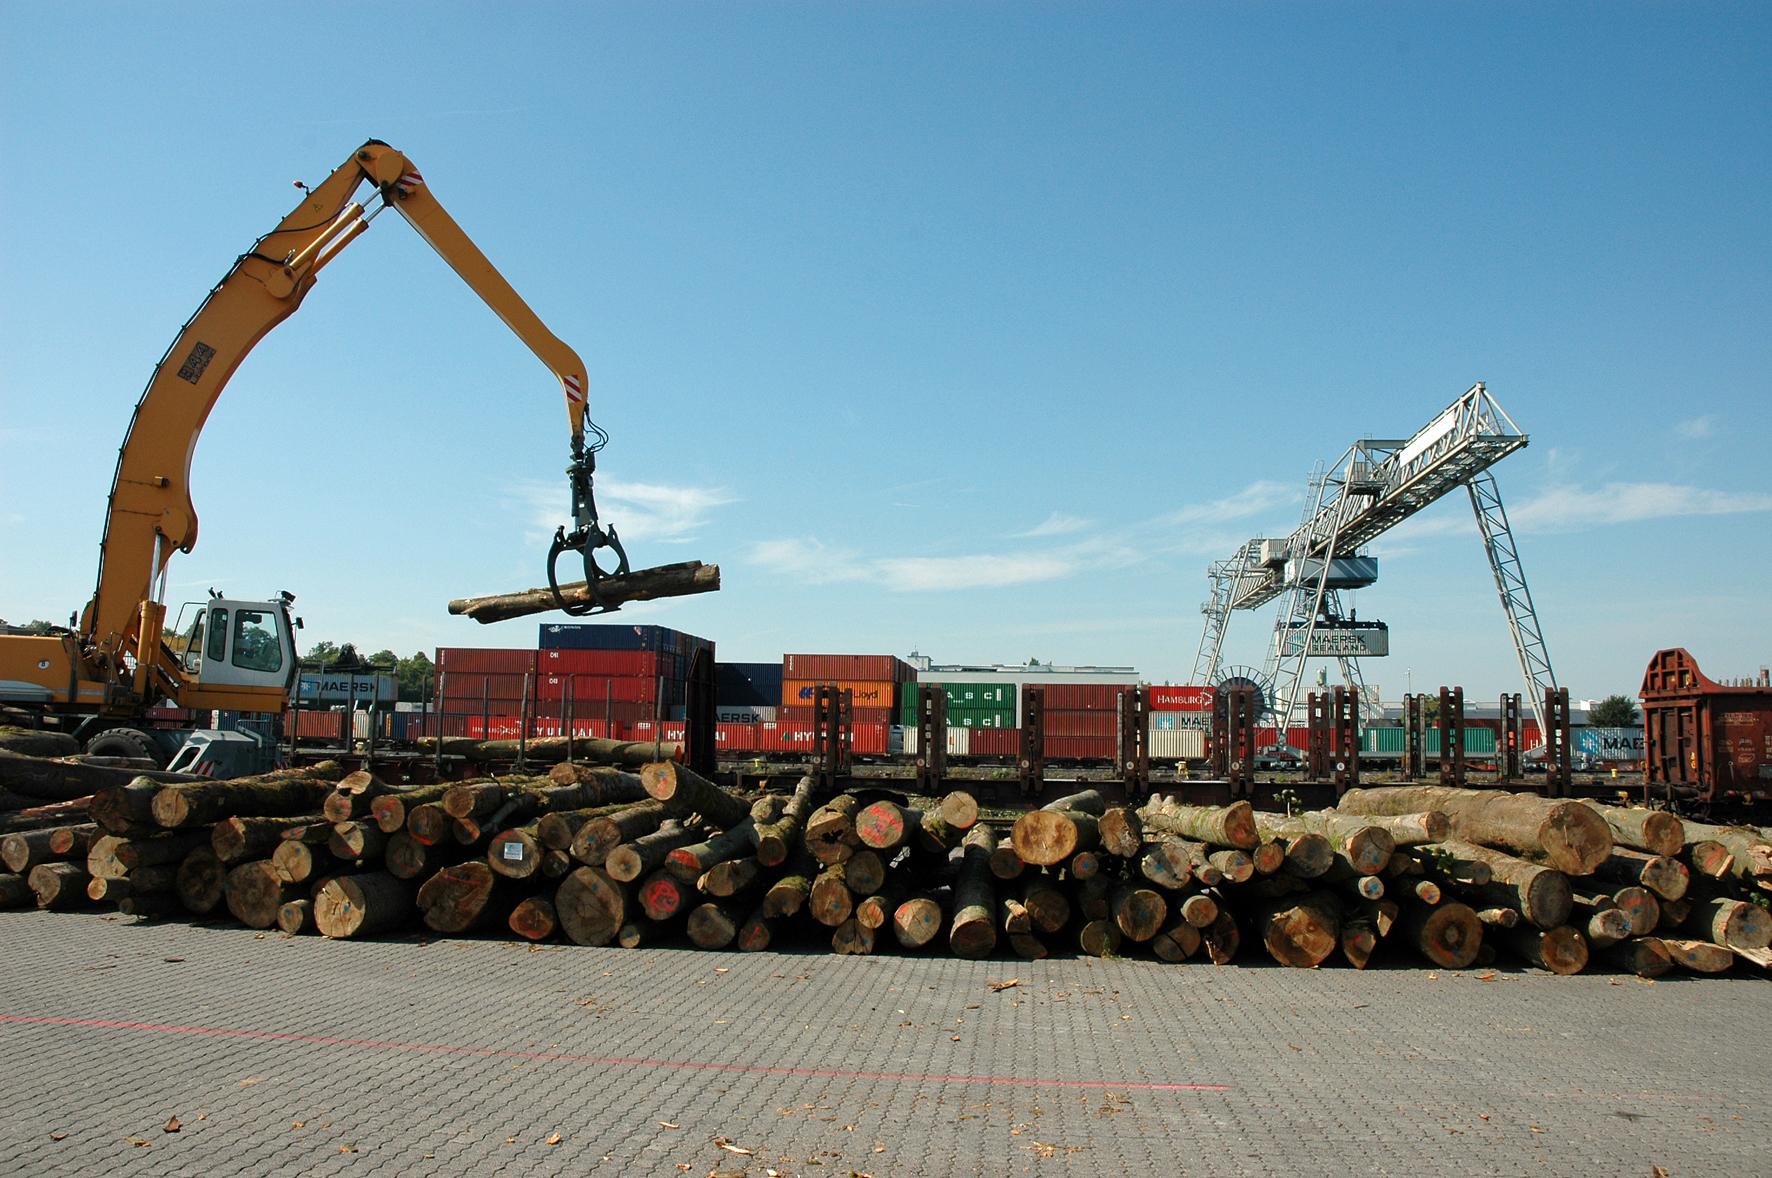 Umschlag Holz Container bayernhafen Aschaffenburg